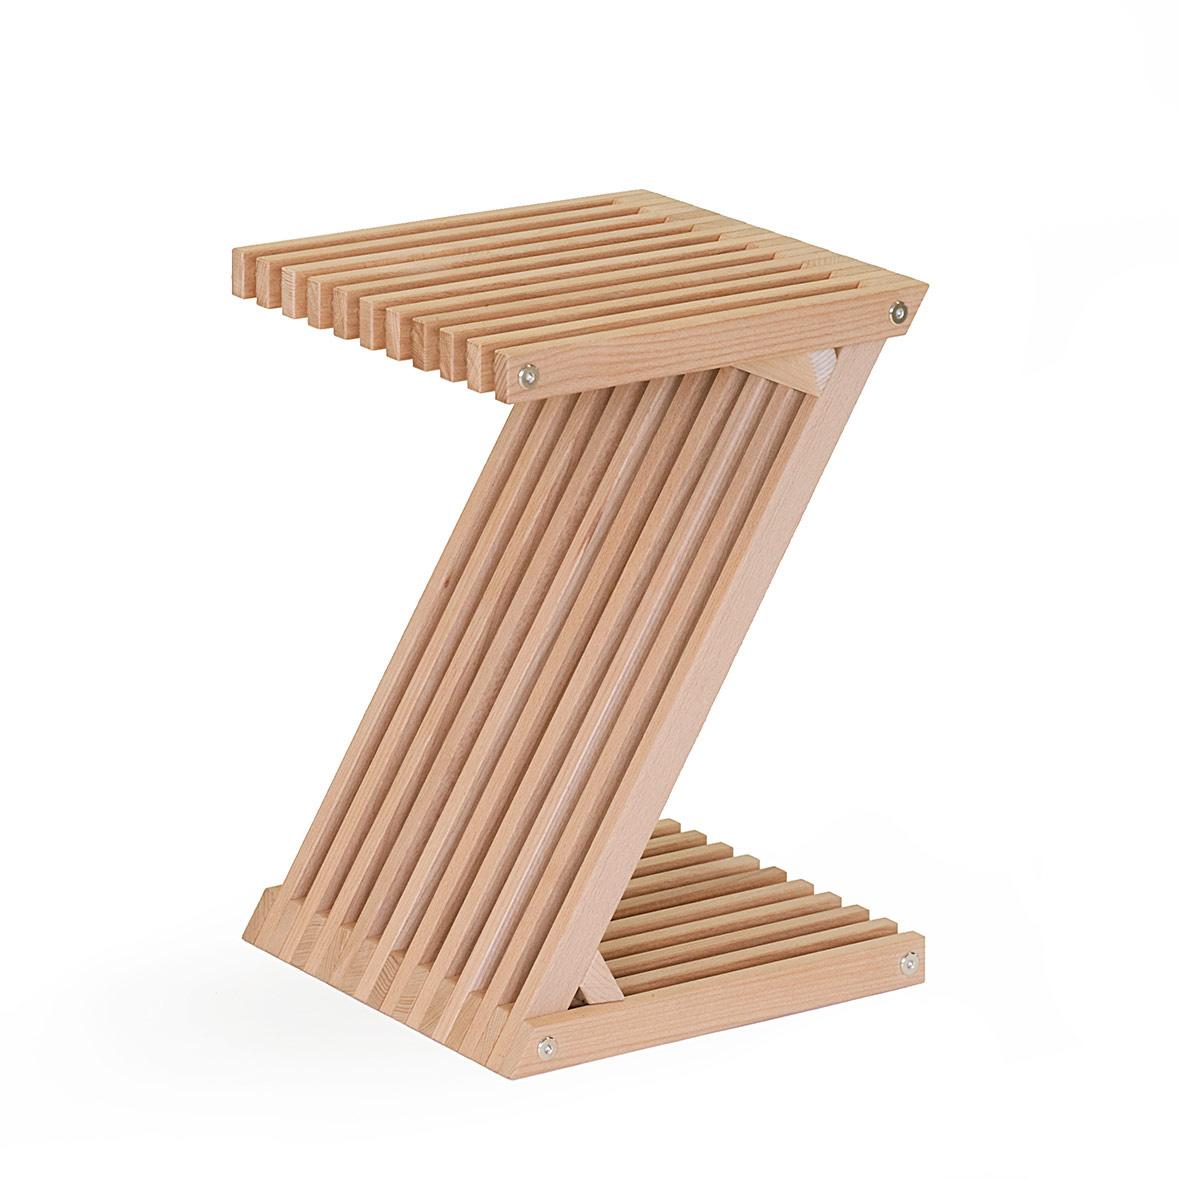 Holzmöbel Z-Hocker - Schweizer Buchenholz - FSC Zertifziert